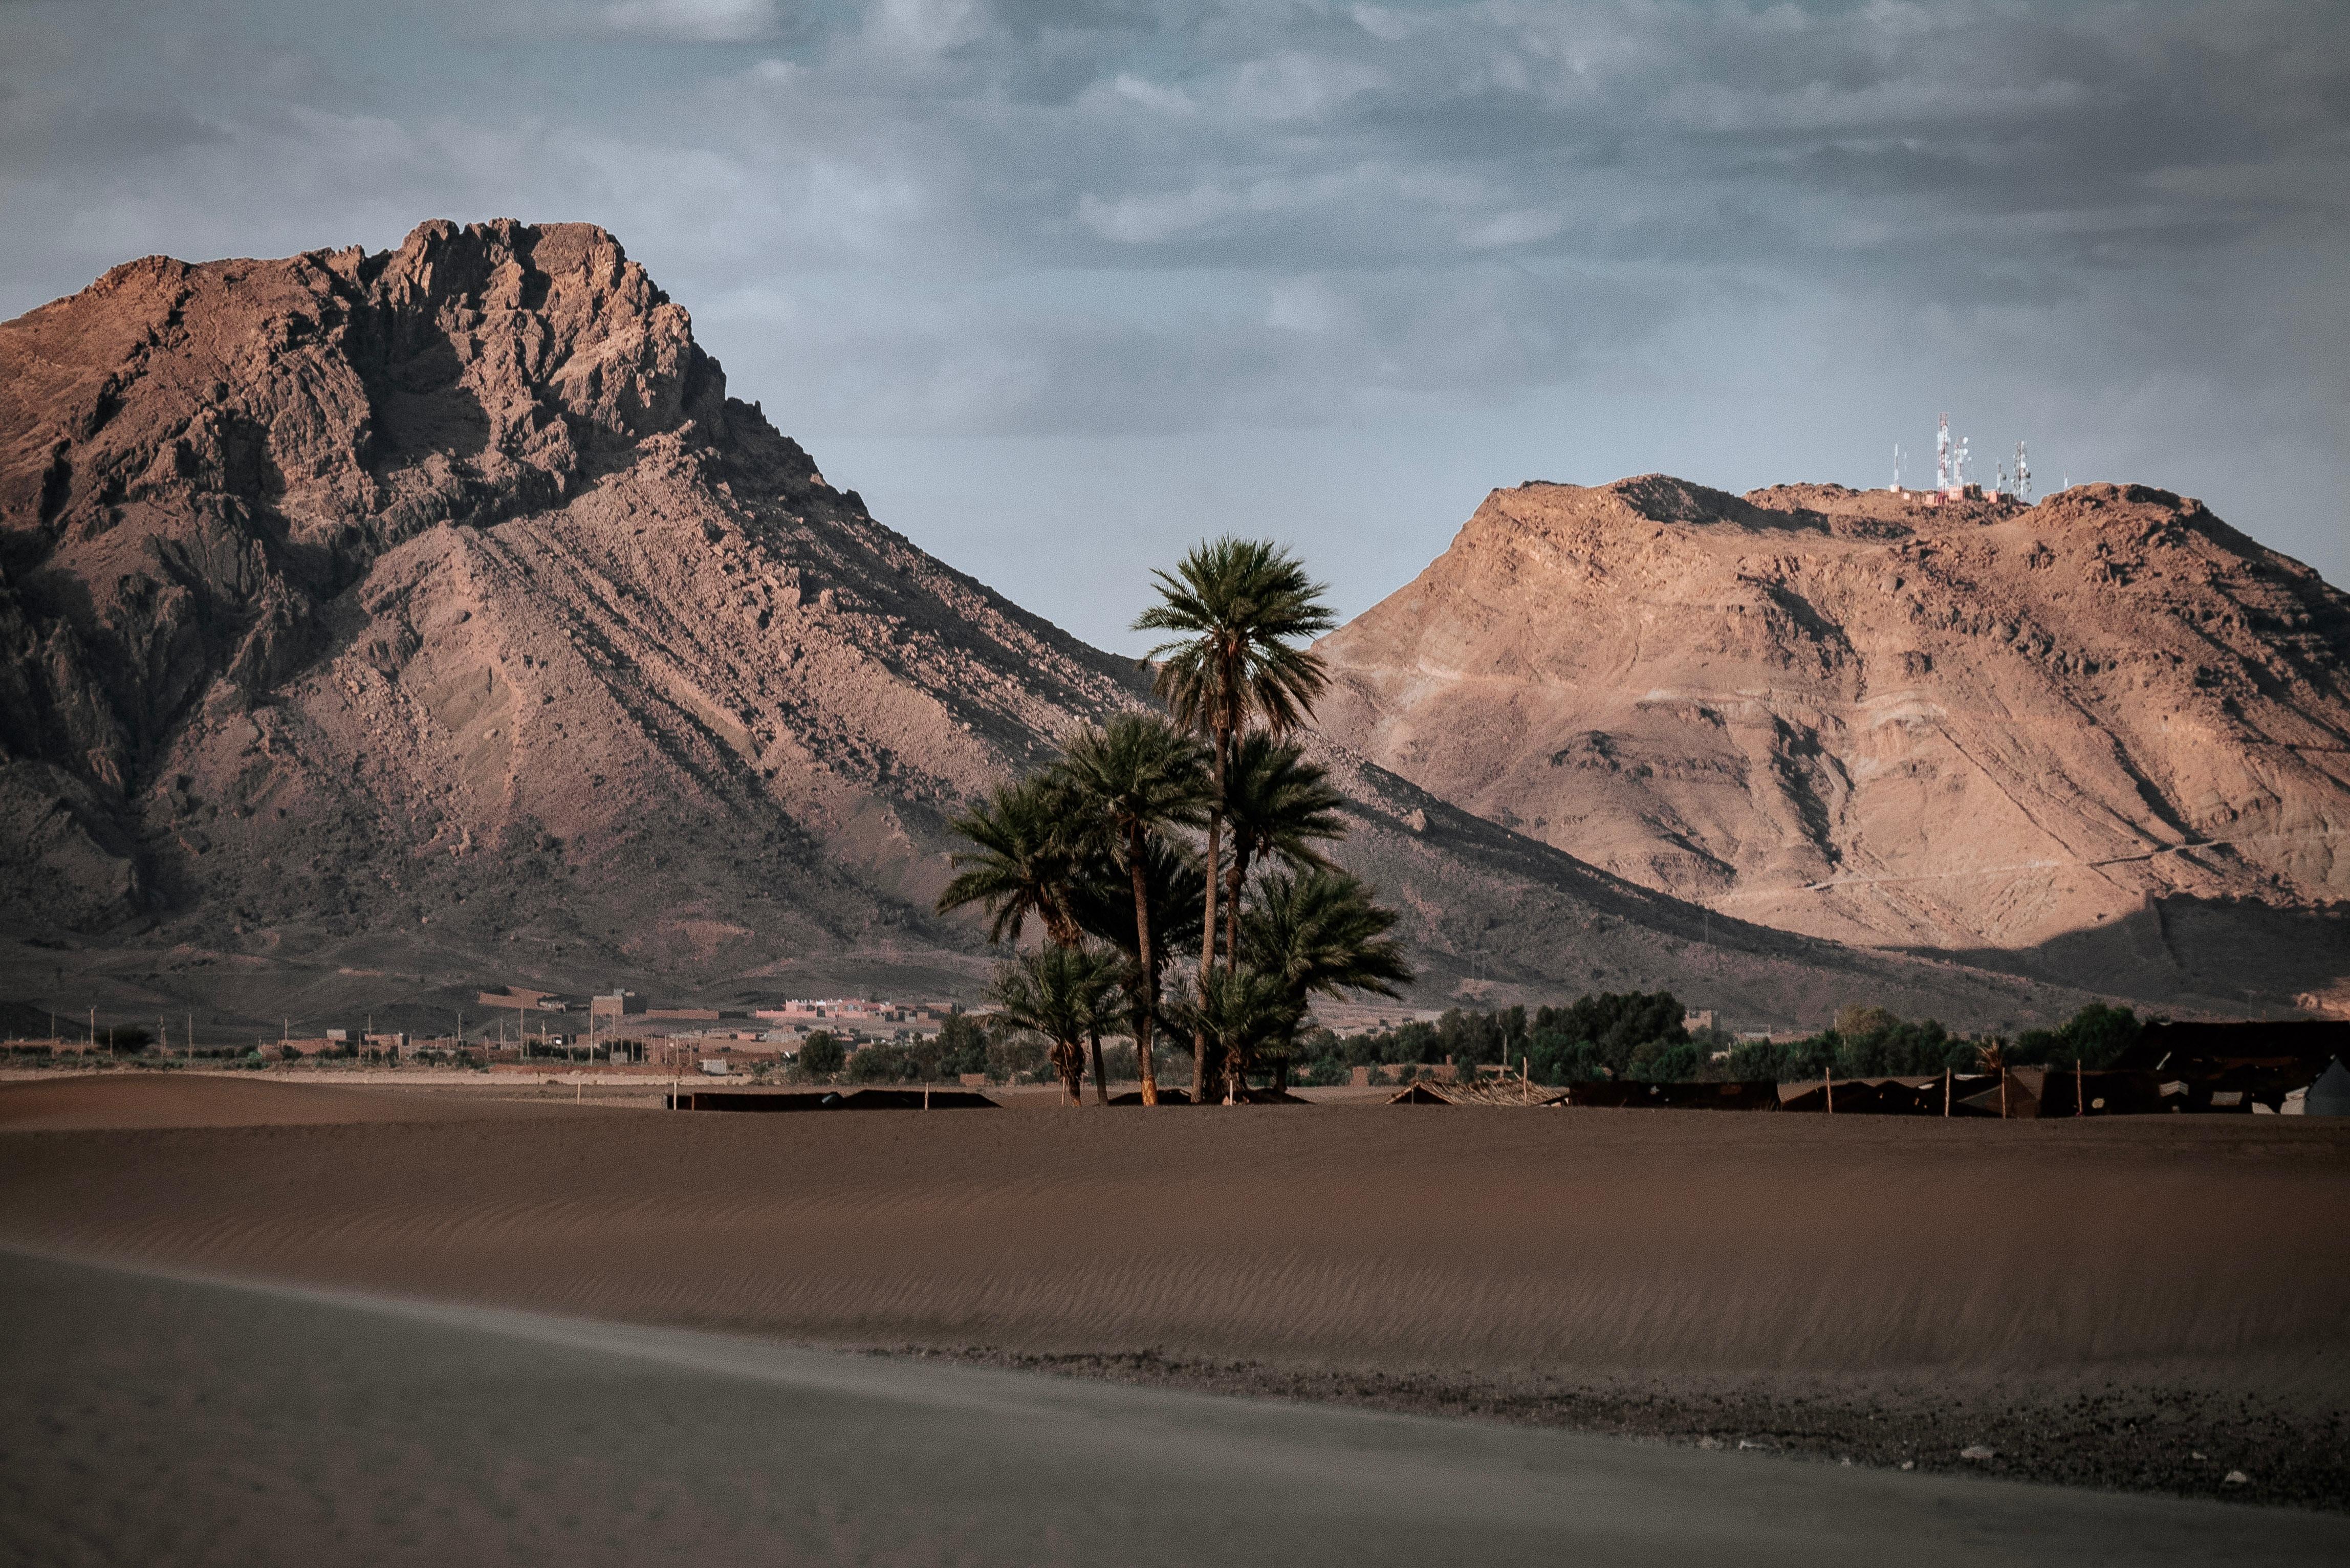 146420 Заставки и Обои Пустыня на телефон. Скачать Пустыня, Природа, Горы, Песок, Пальмы, Оазис картинки бесплатно